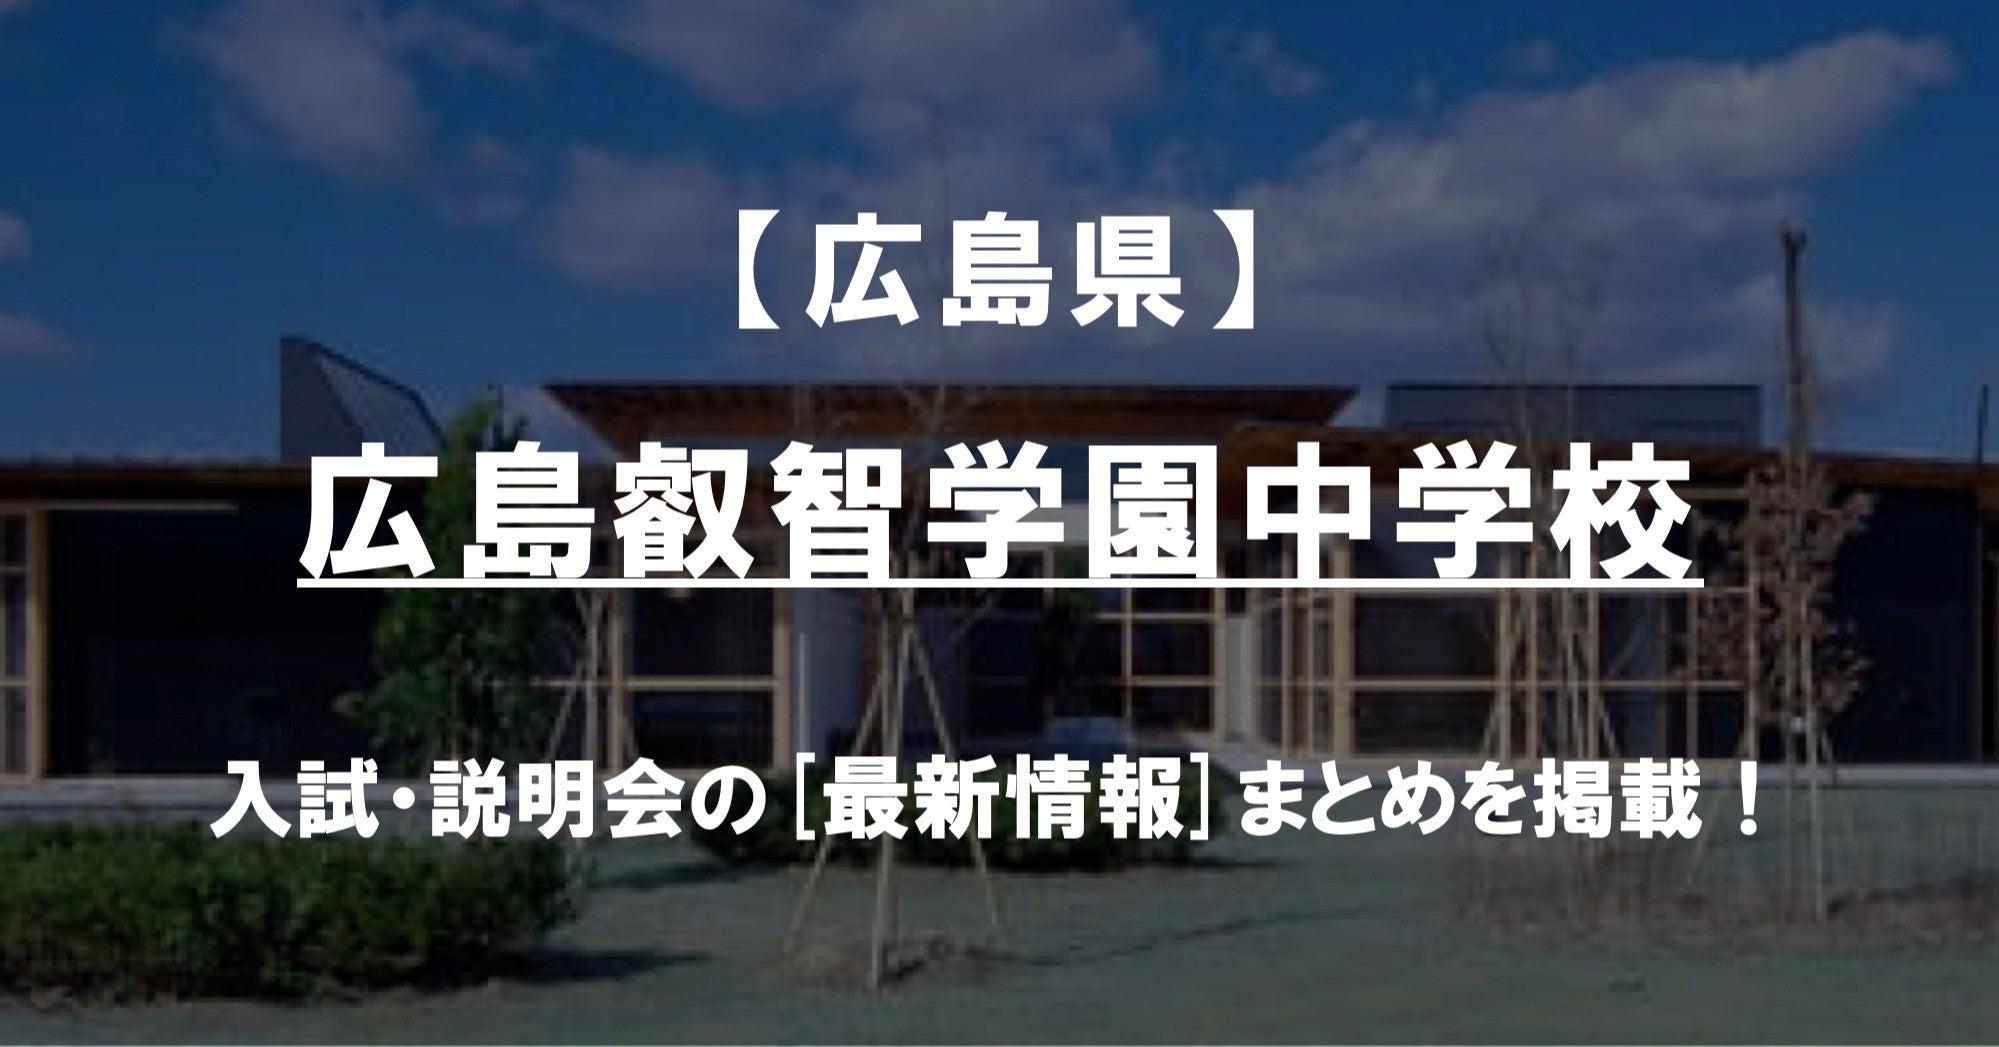 学園 広島 中学校 叡智